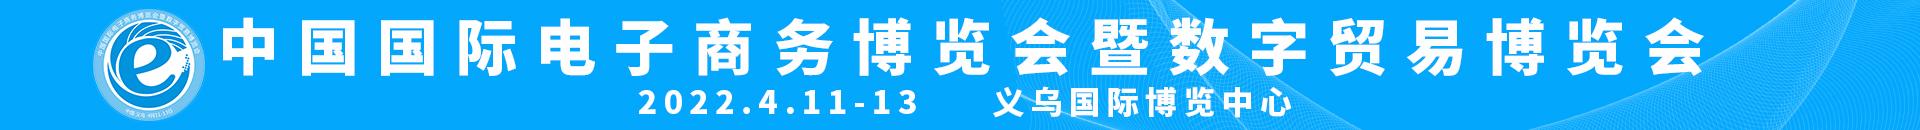 2022第十二届中国国际电子商务博览会